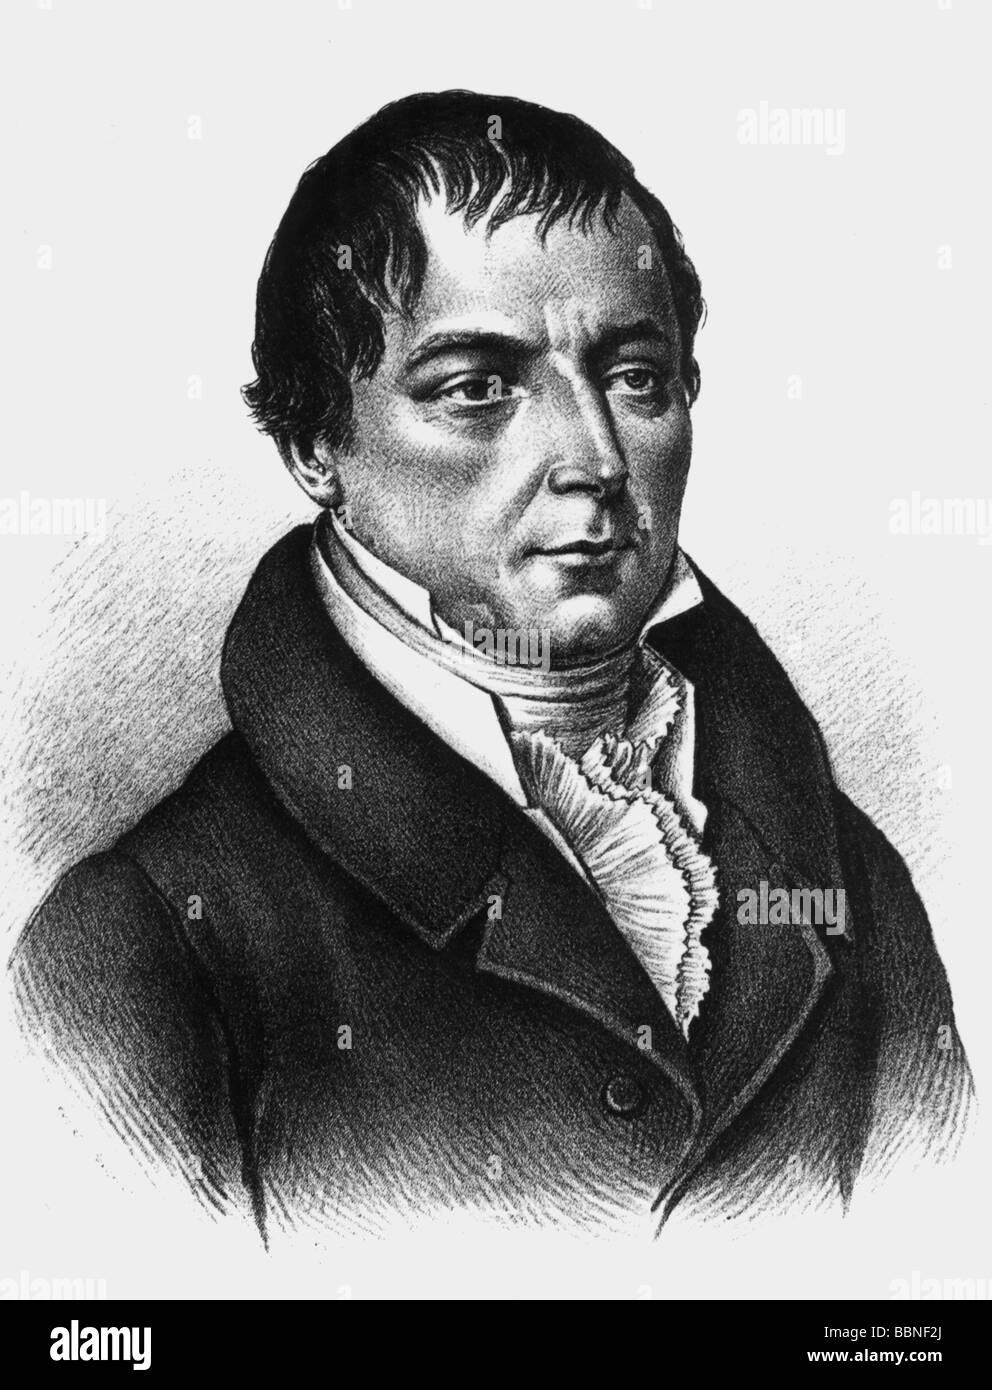 Buch, Christian Leopold Von, 26. 4.1774 - 4.3.1853, scienziato tedesco (geologo), ritratto, incisione contemporanea, , Foto Stock